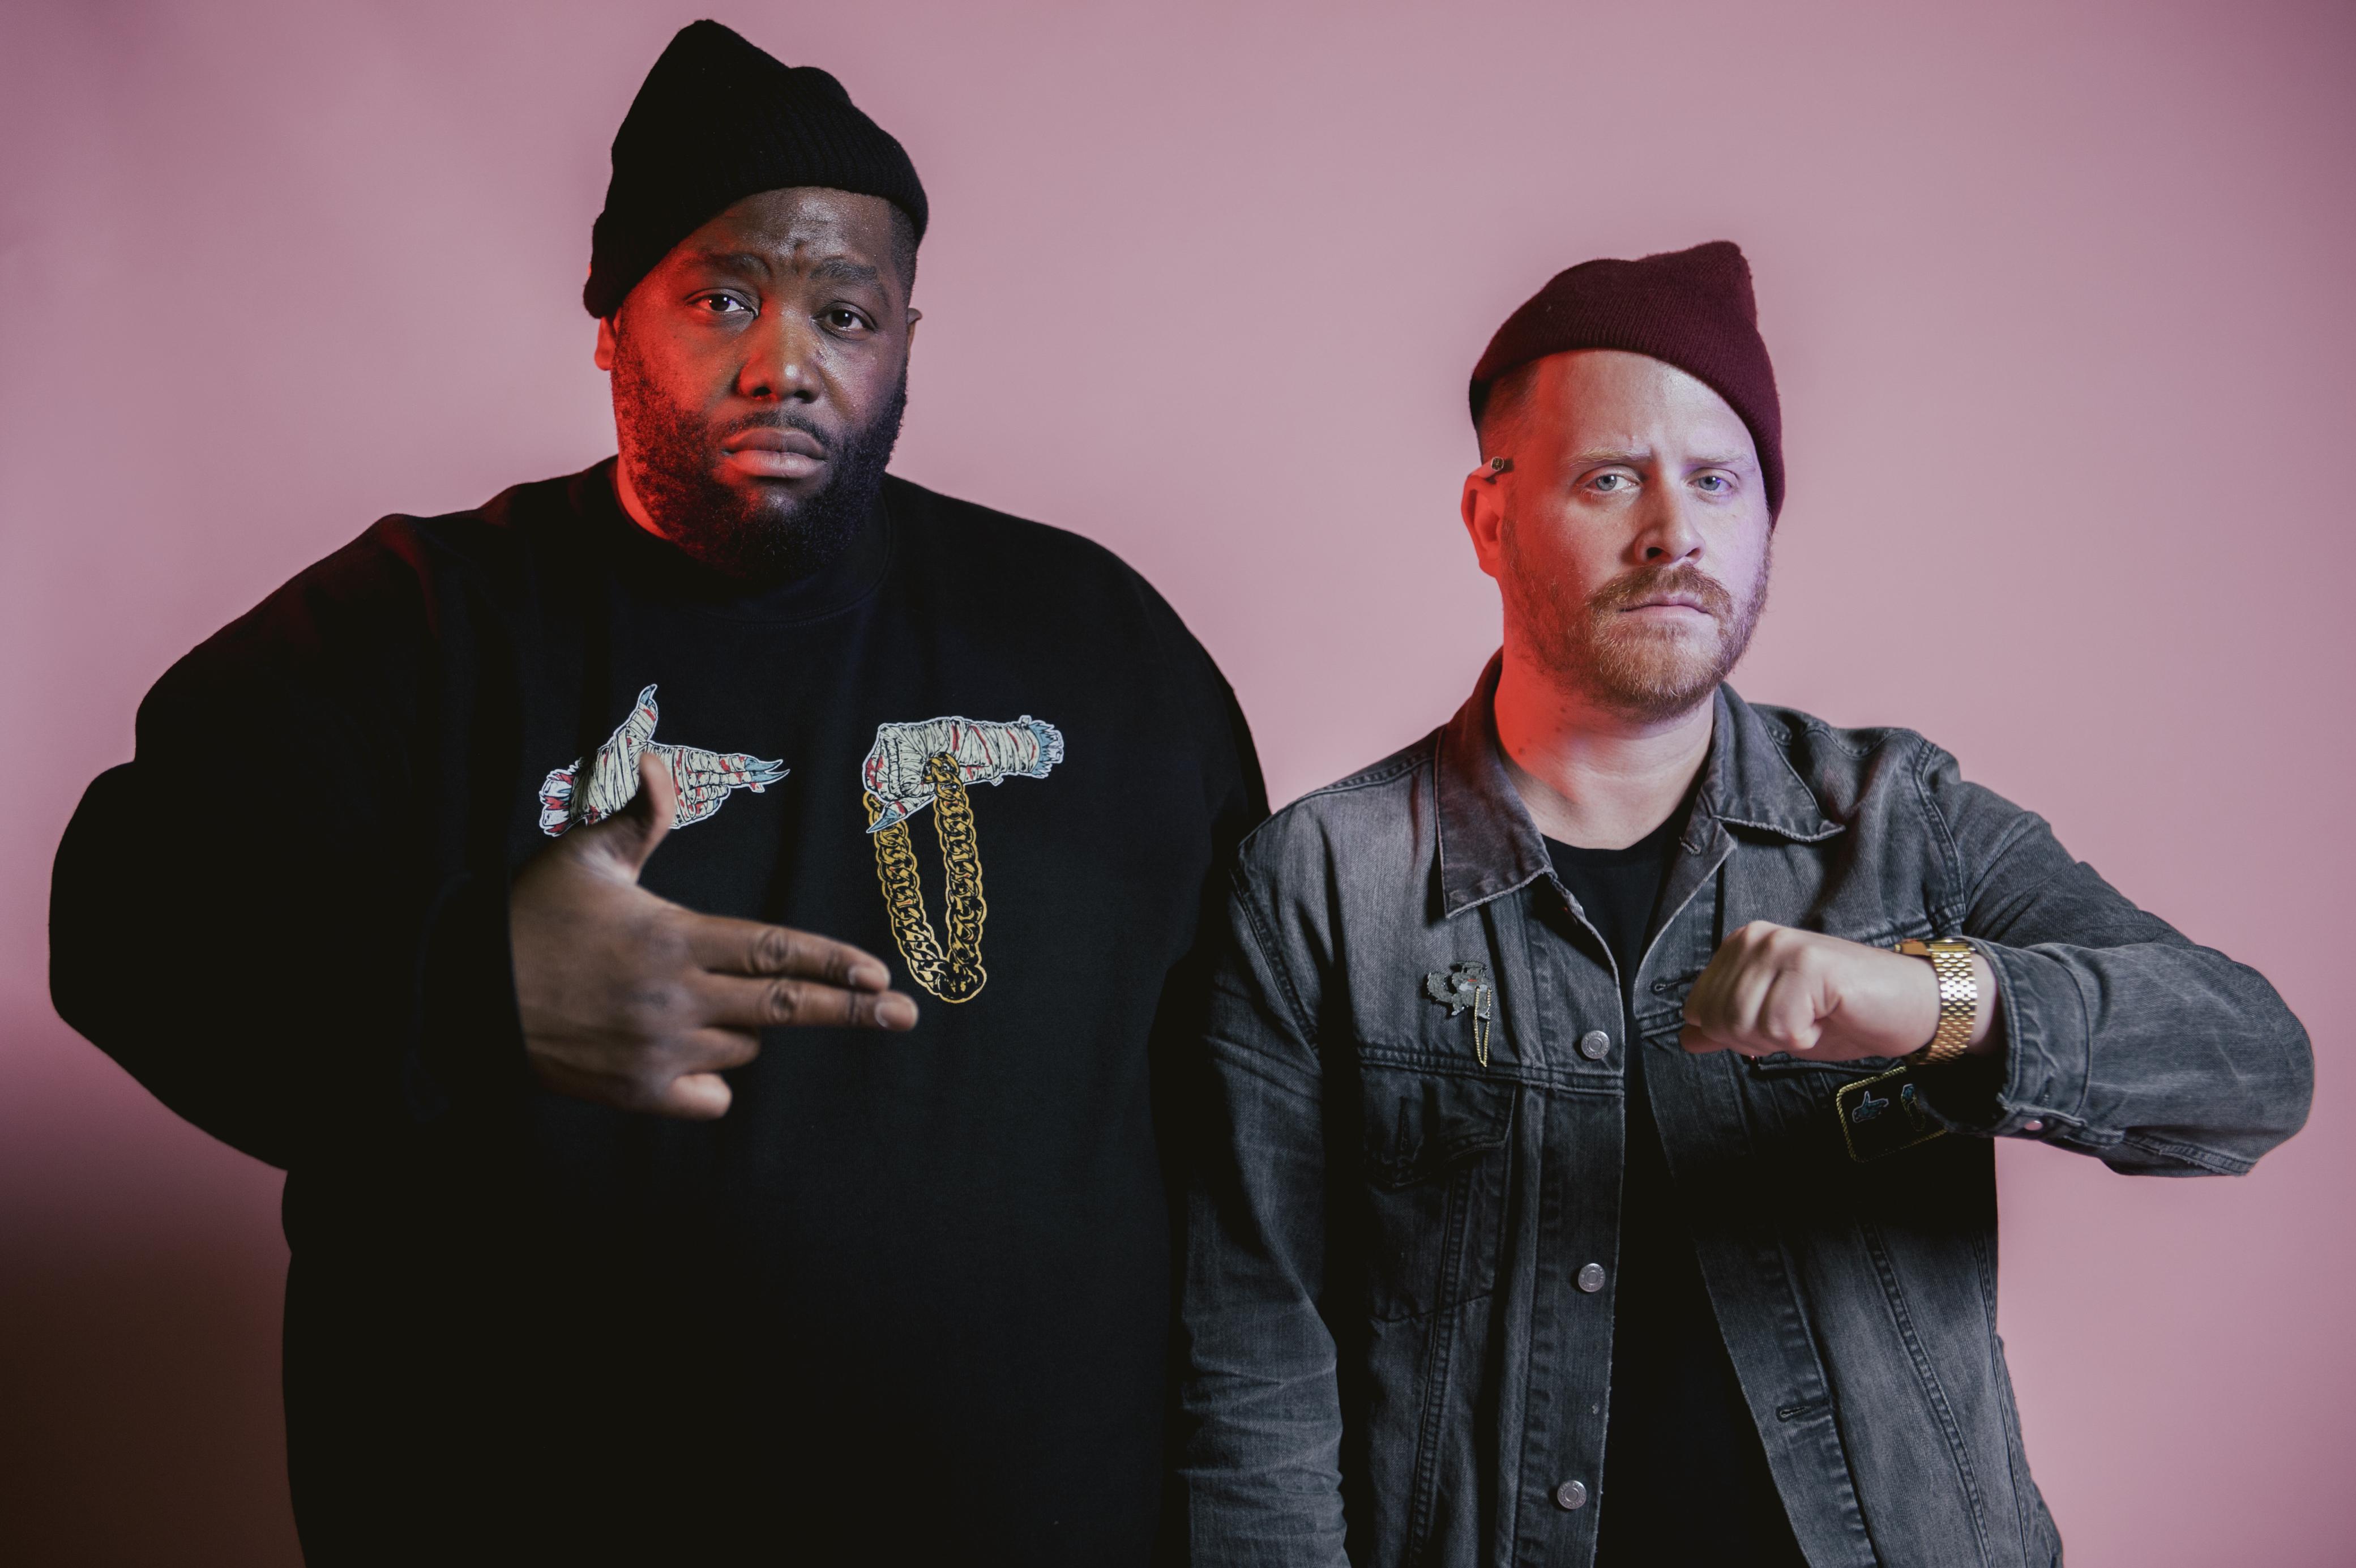 Dwóch raperów w czapkach, jeden jest czarnoskóry, drugi ma czerwoną czapkę i dżinsową kurtkę